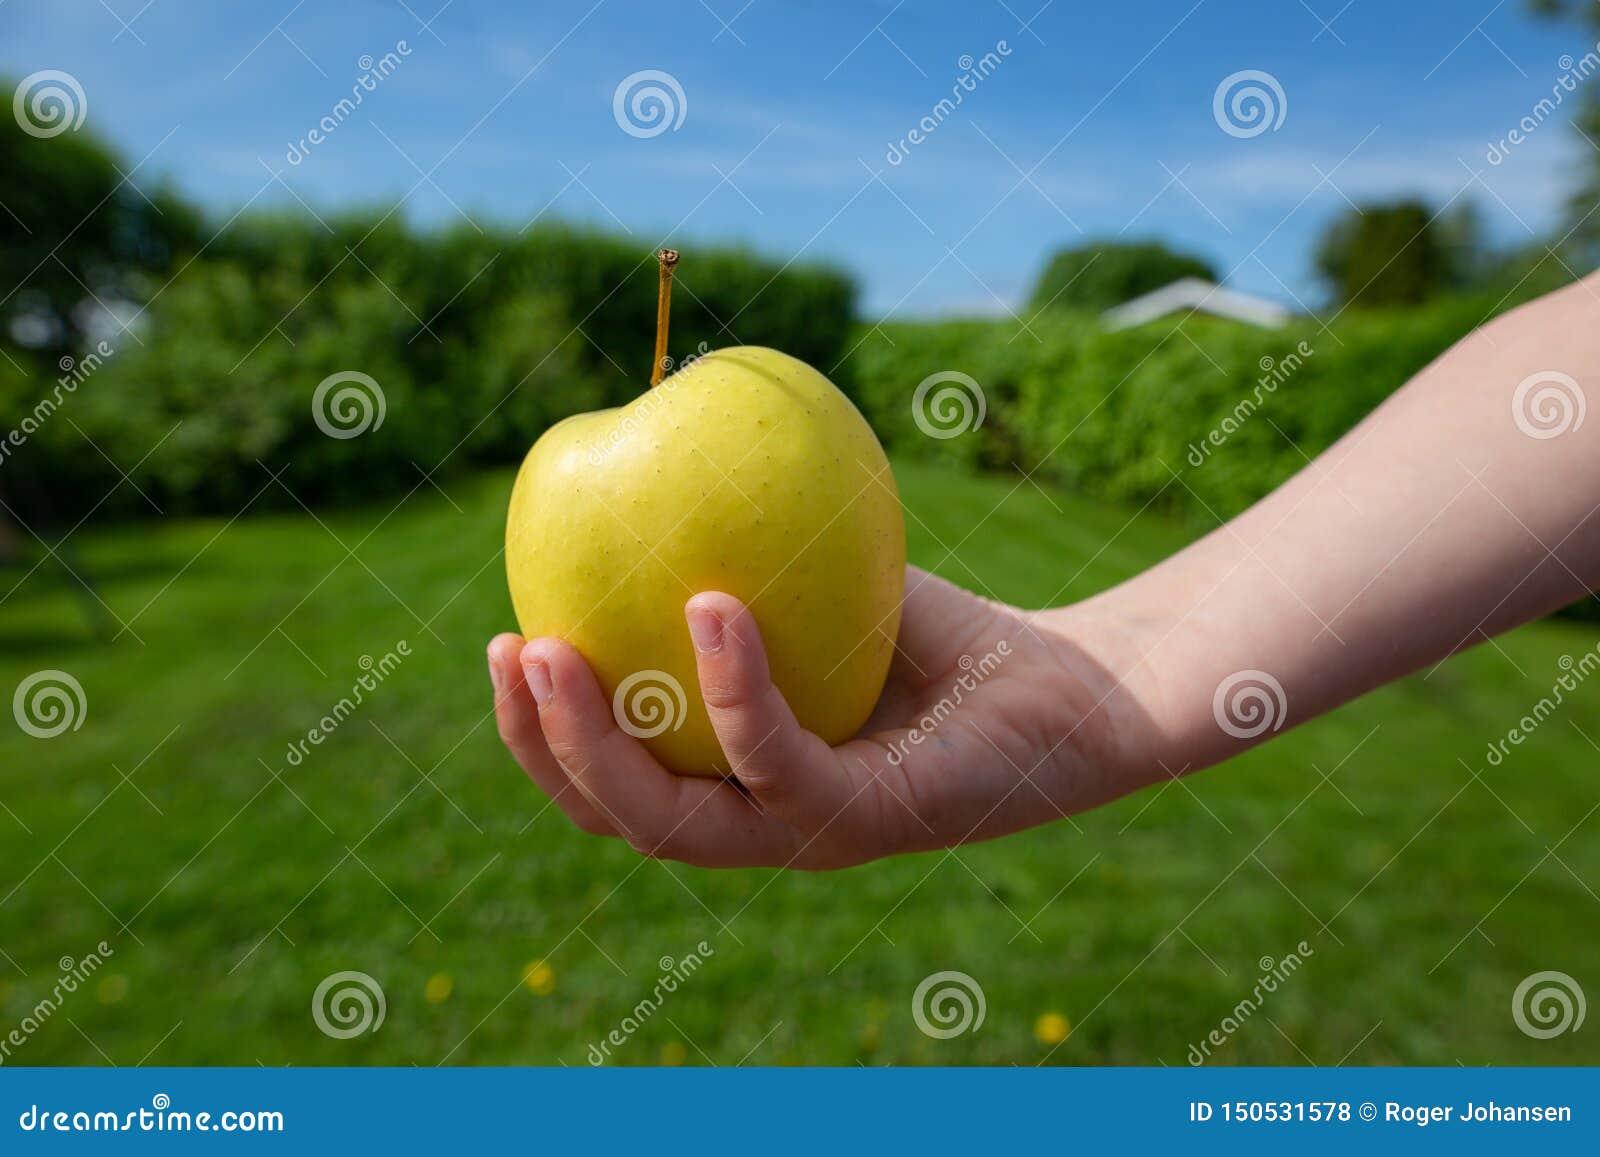 Ένα πράσινο μήλο σε ένα χέρι που φτάνει